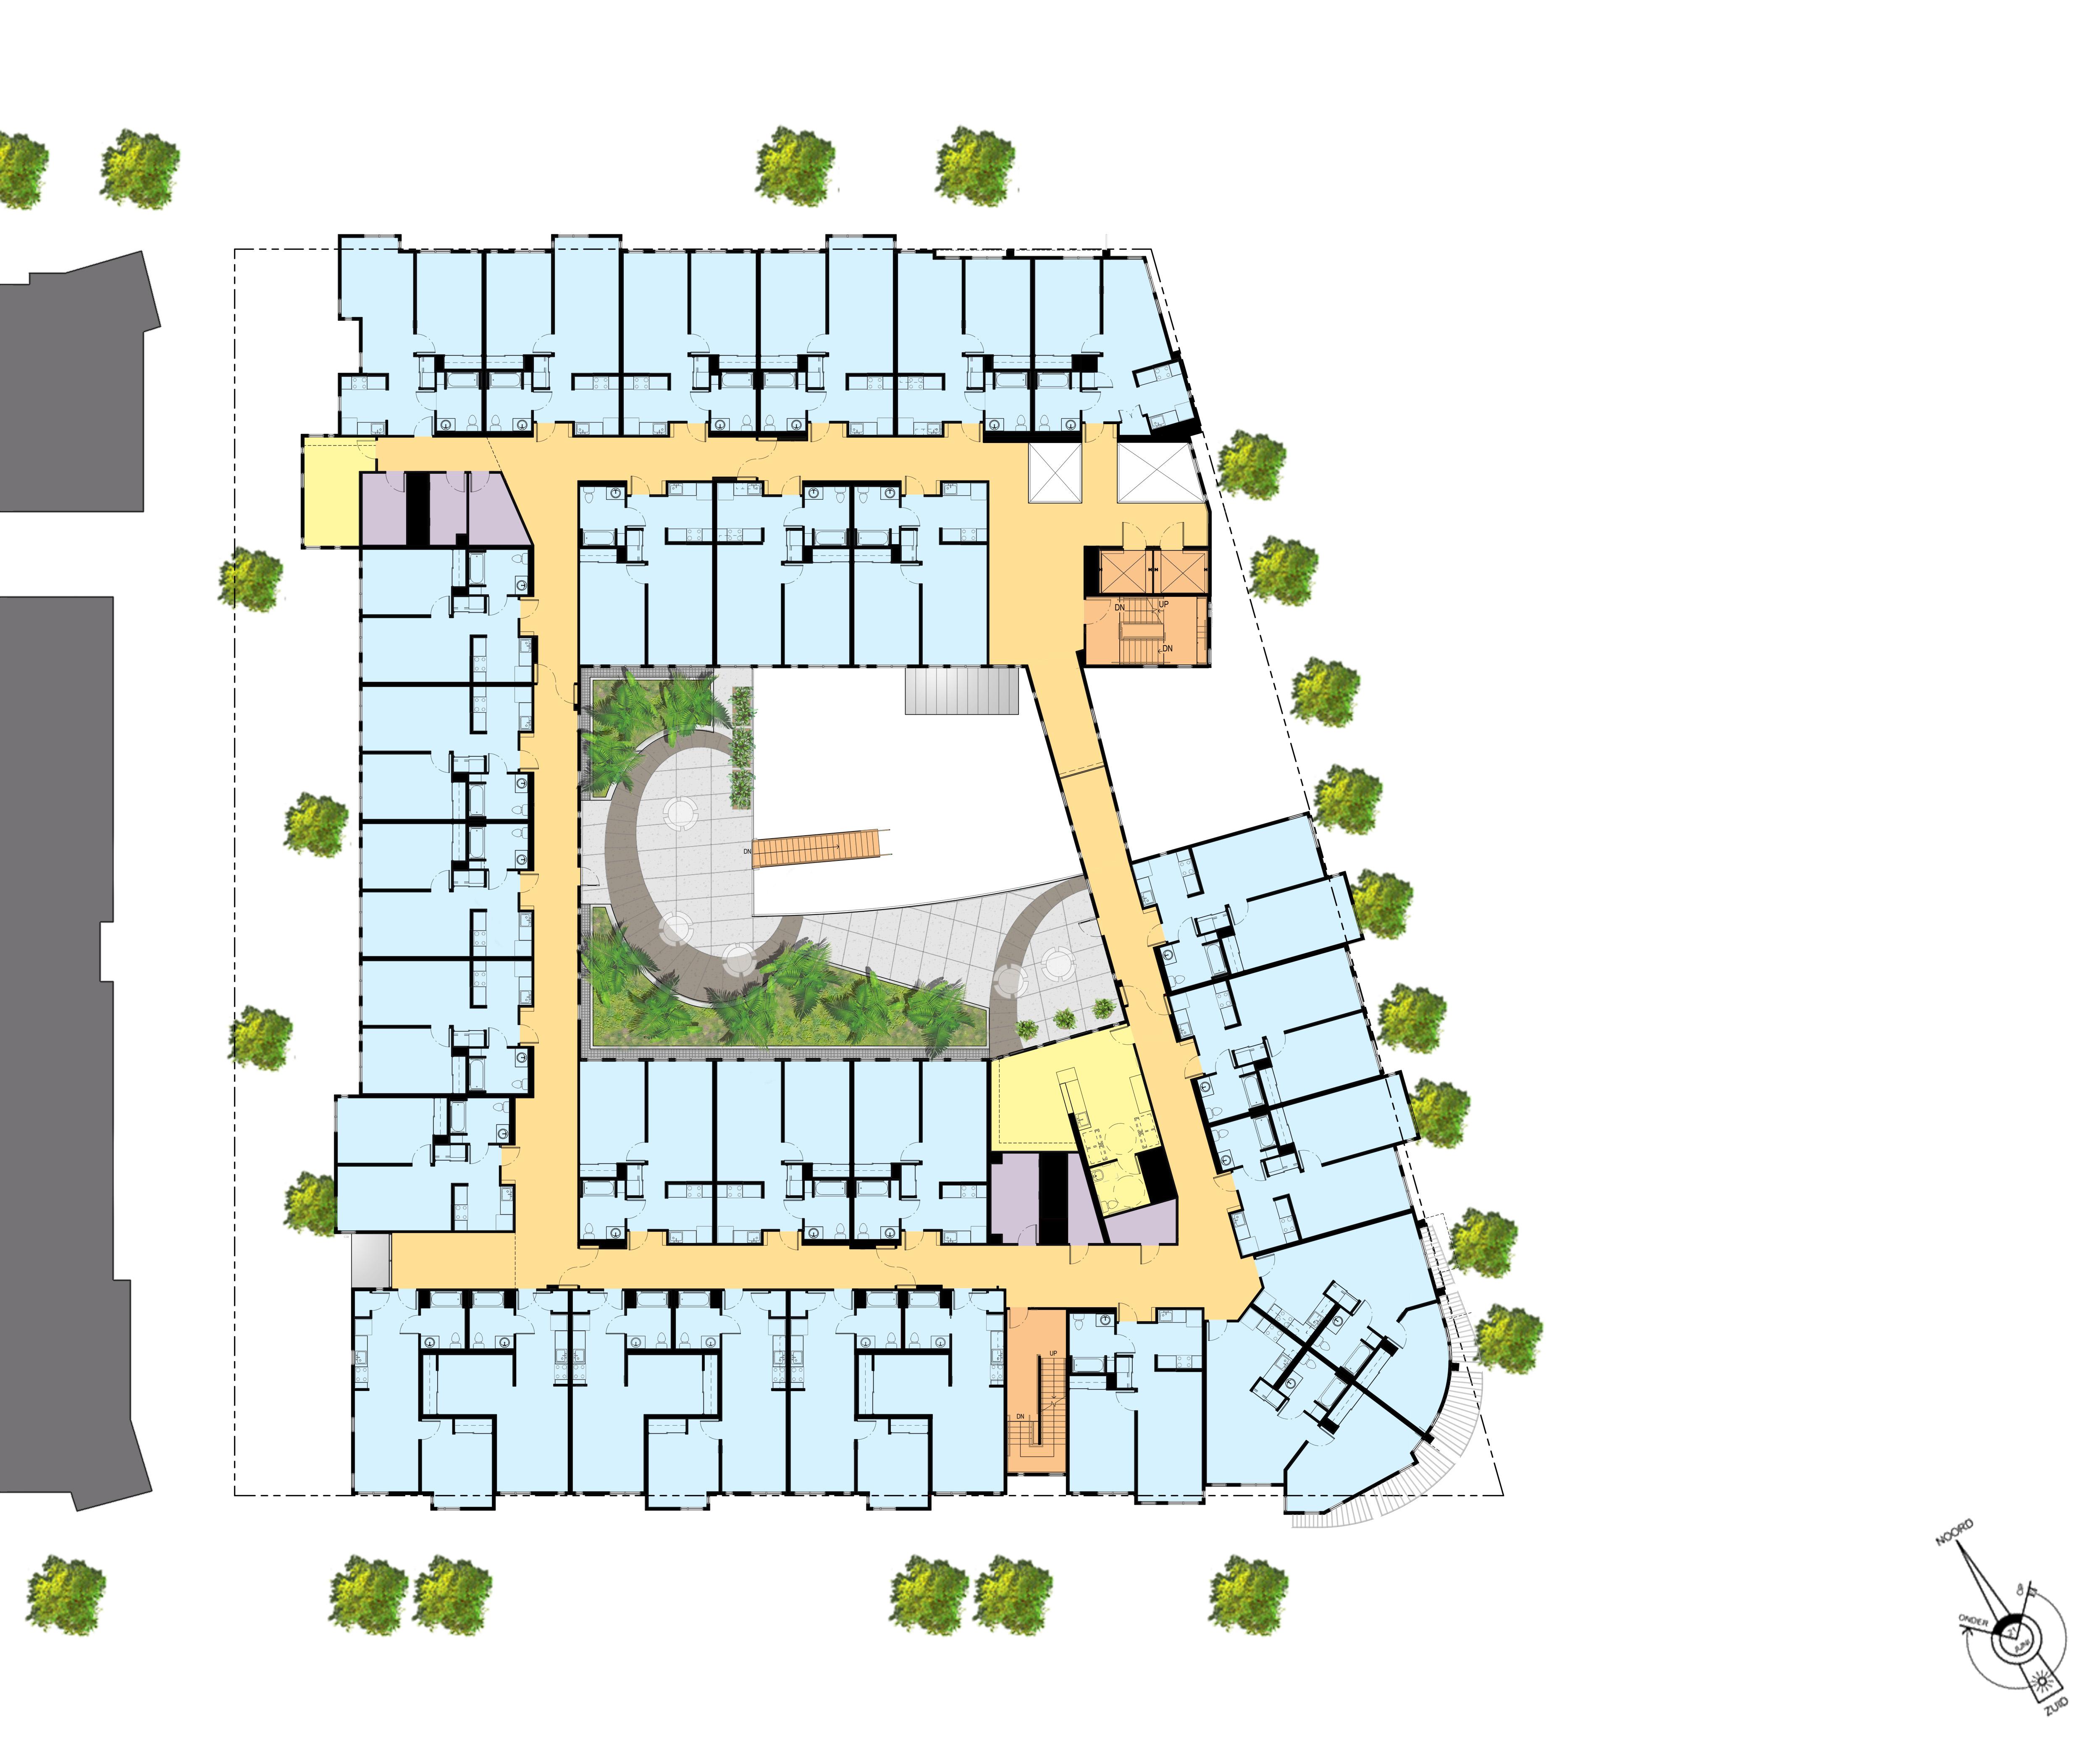 ArmstrongSenior_Plan2.jpg